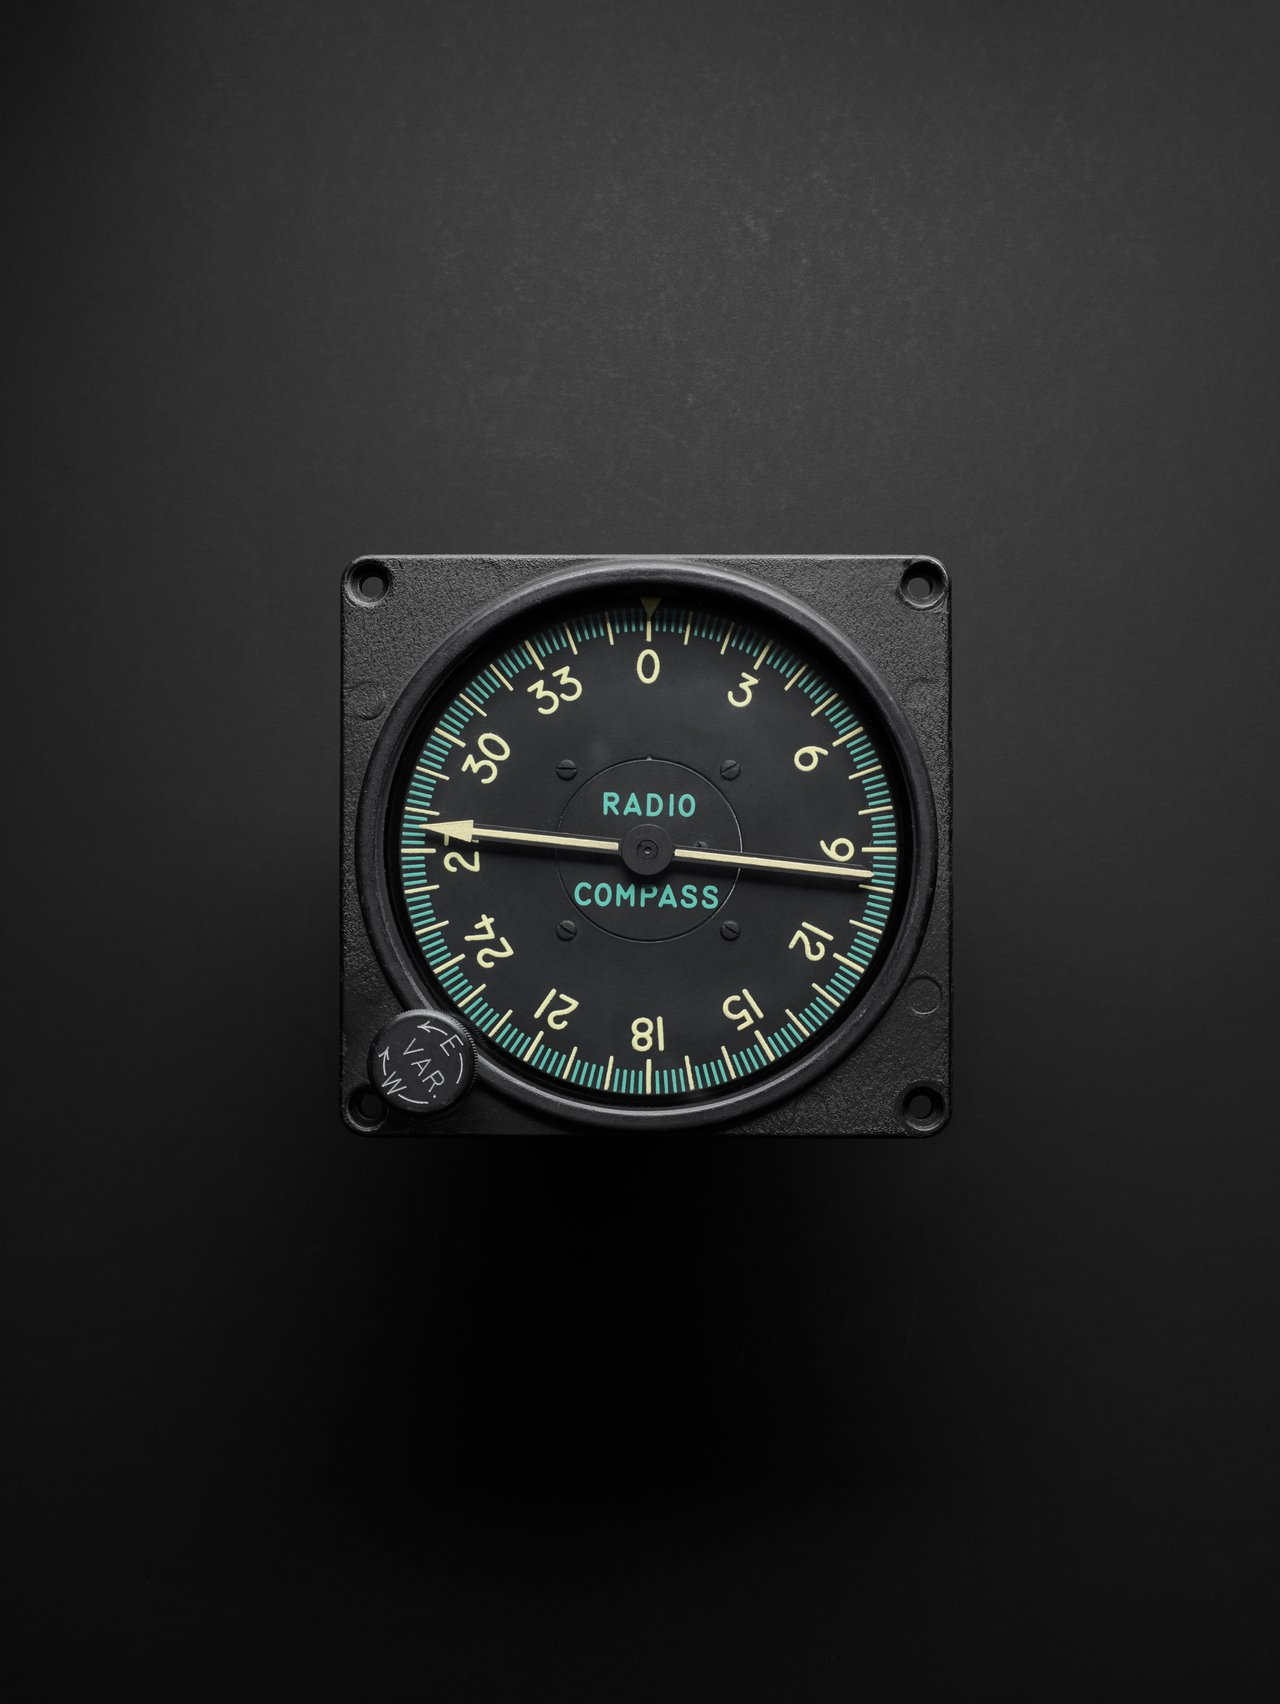 radio compass